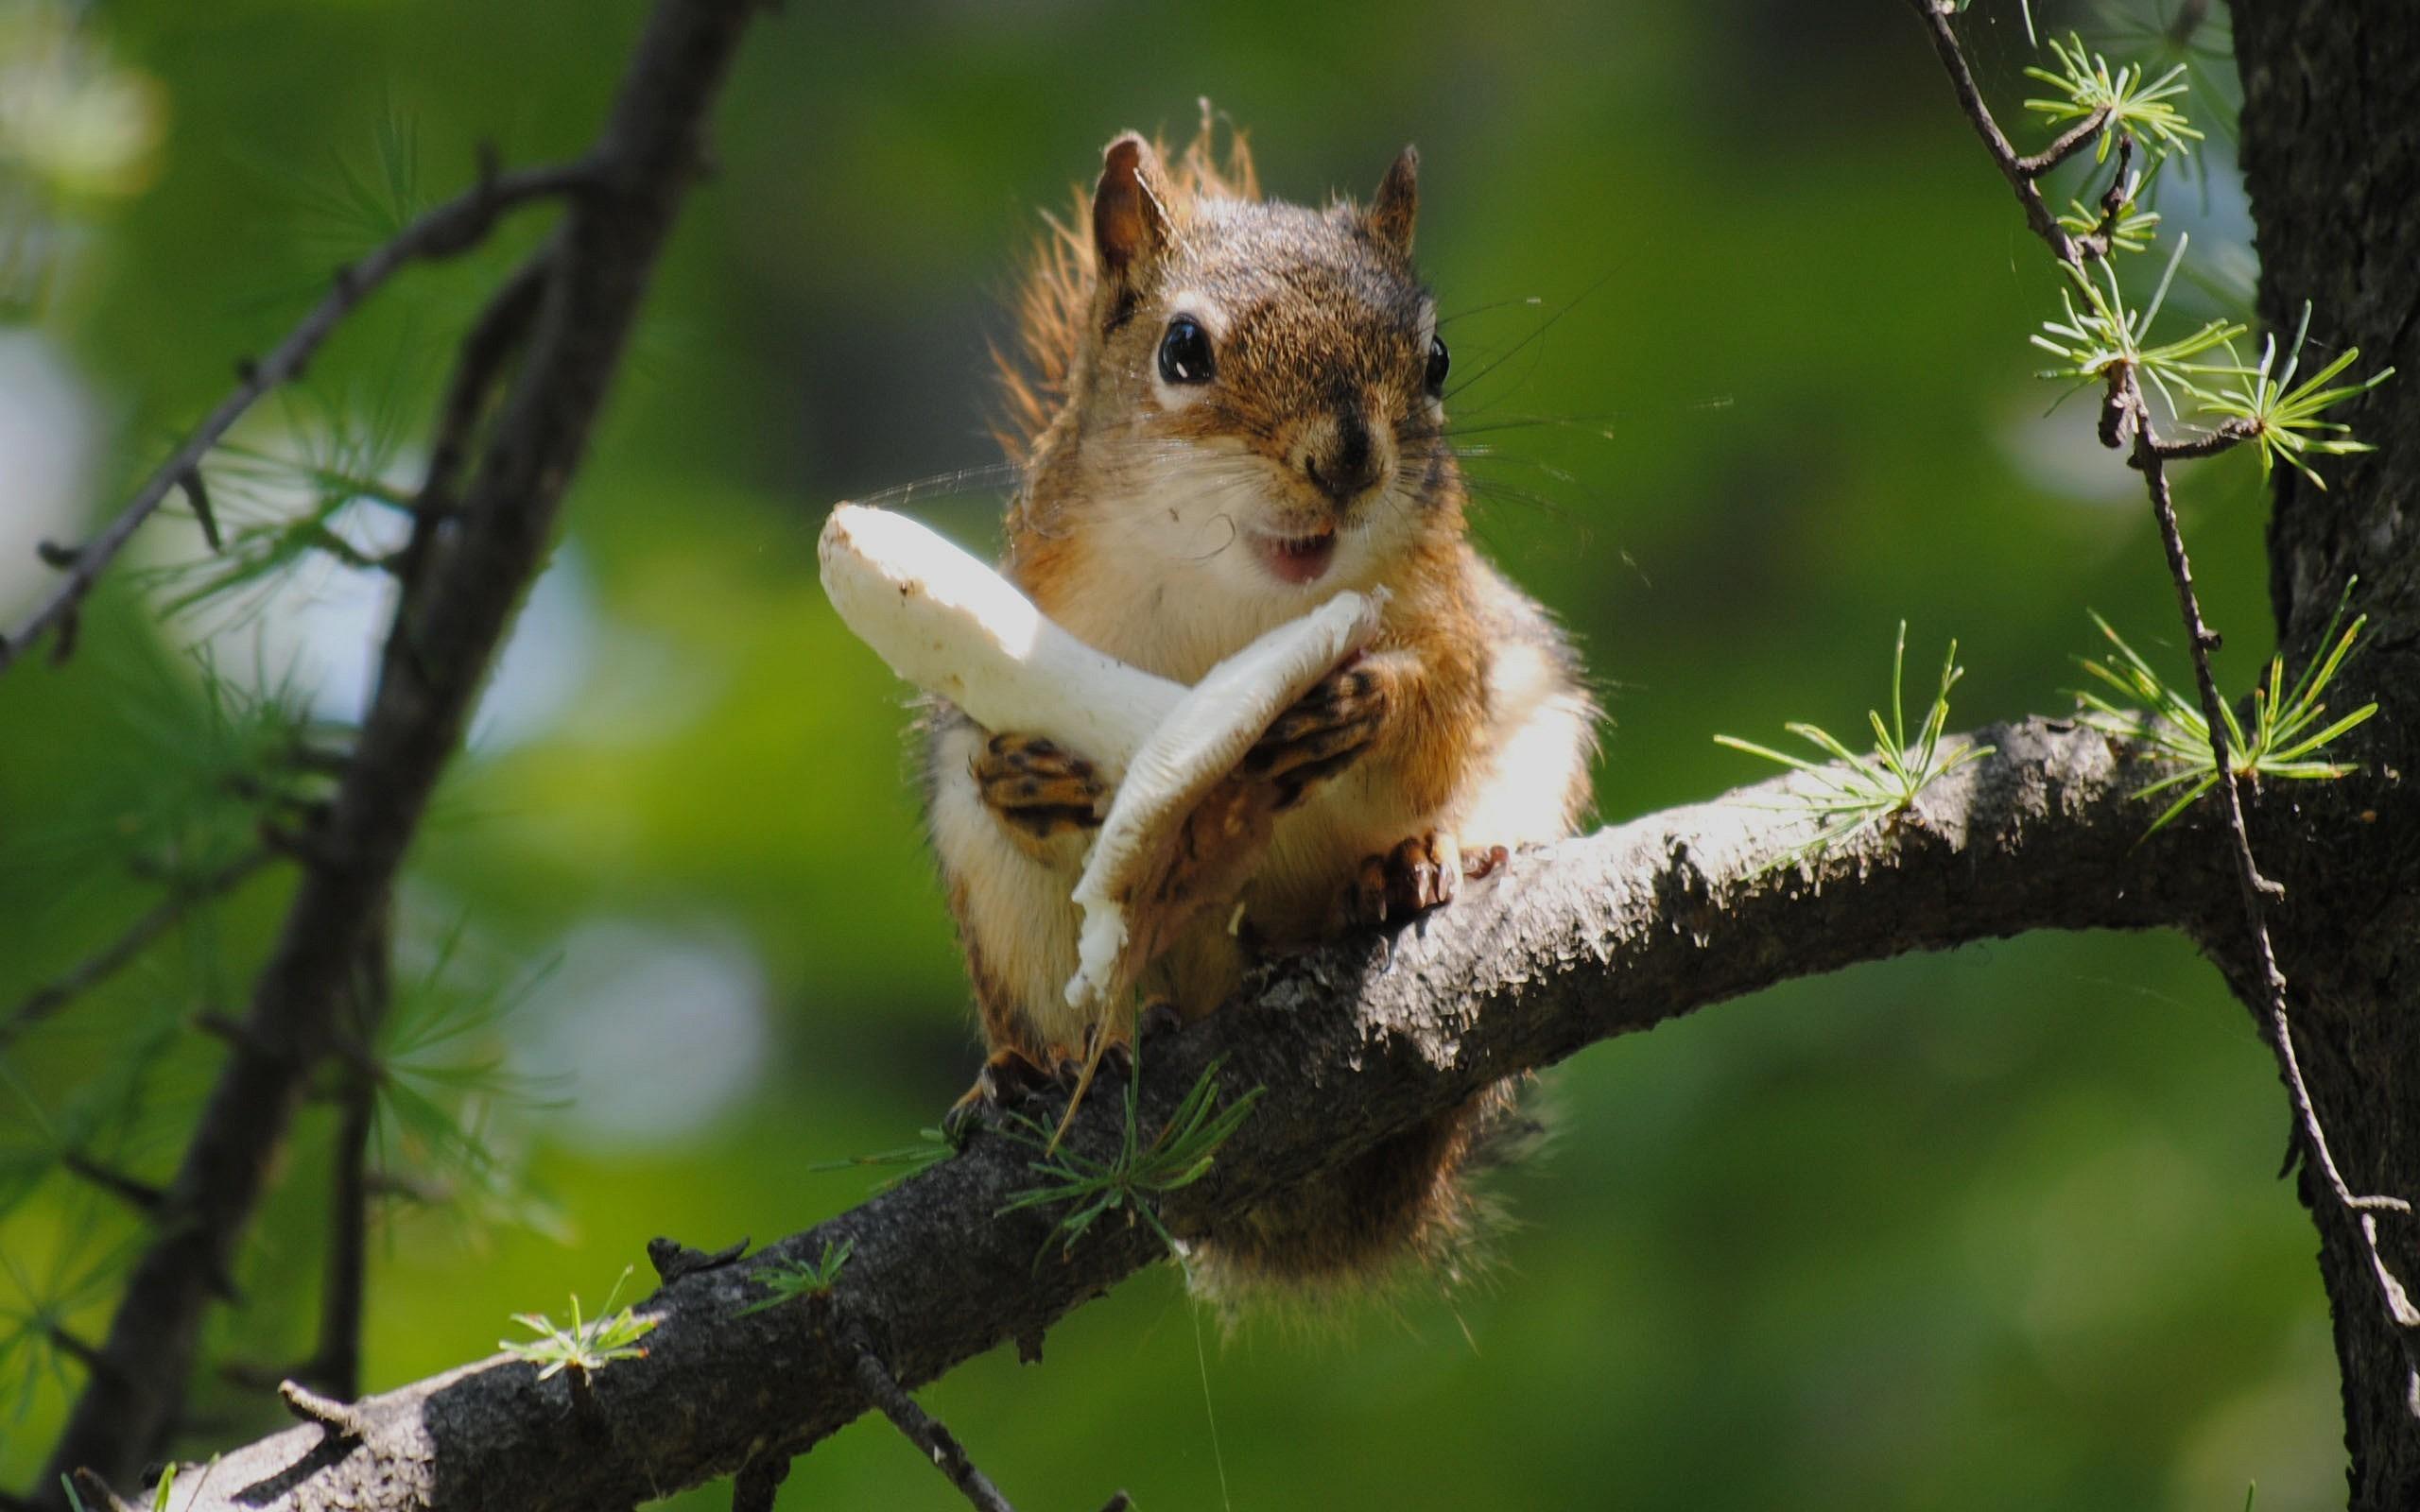 природа осень животное корзина семечки белка  № 2096122 бесплатно